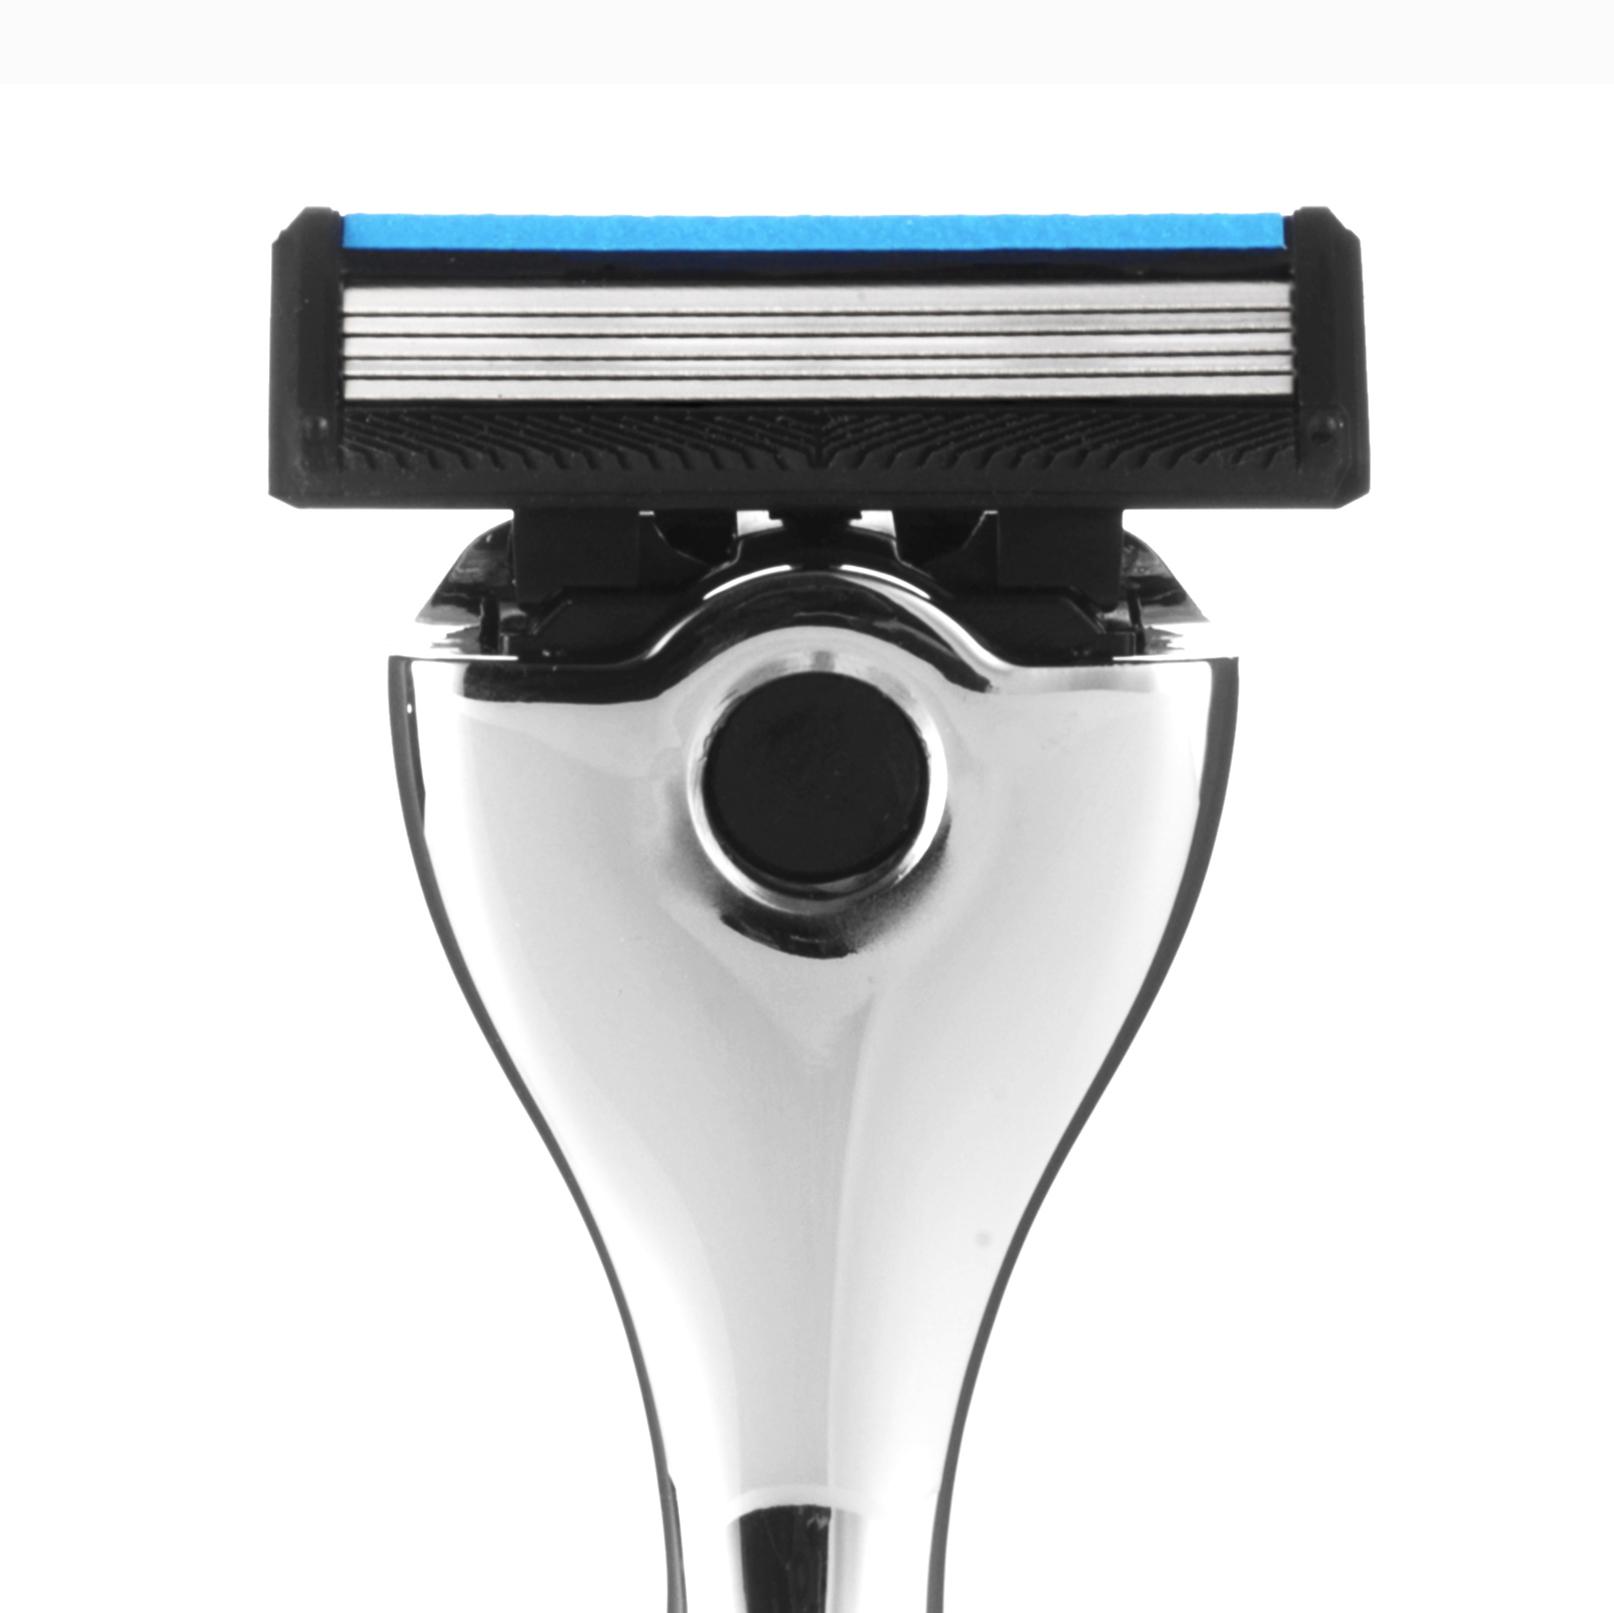 Cornerstone new razor blades